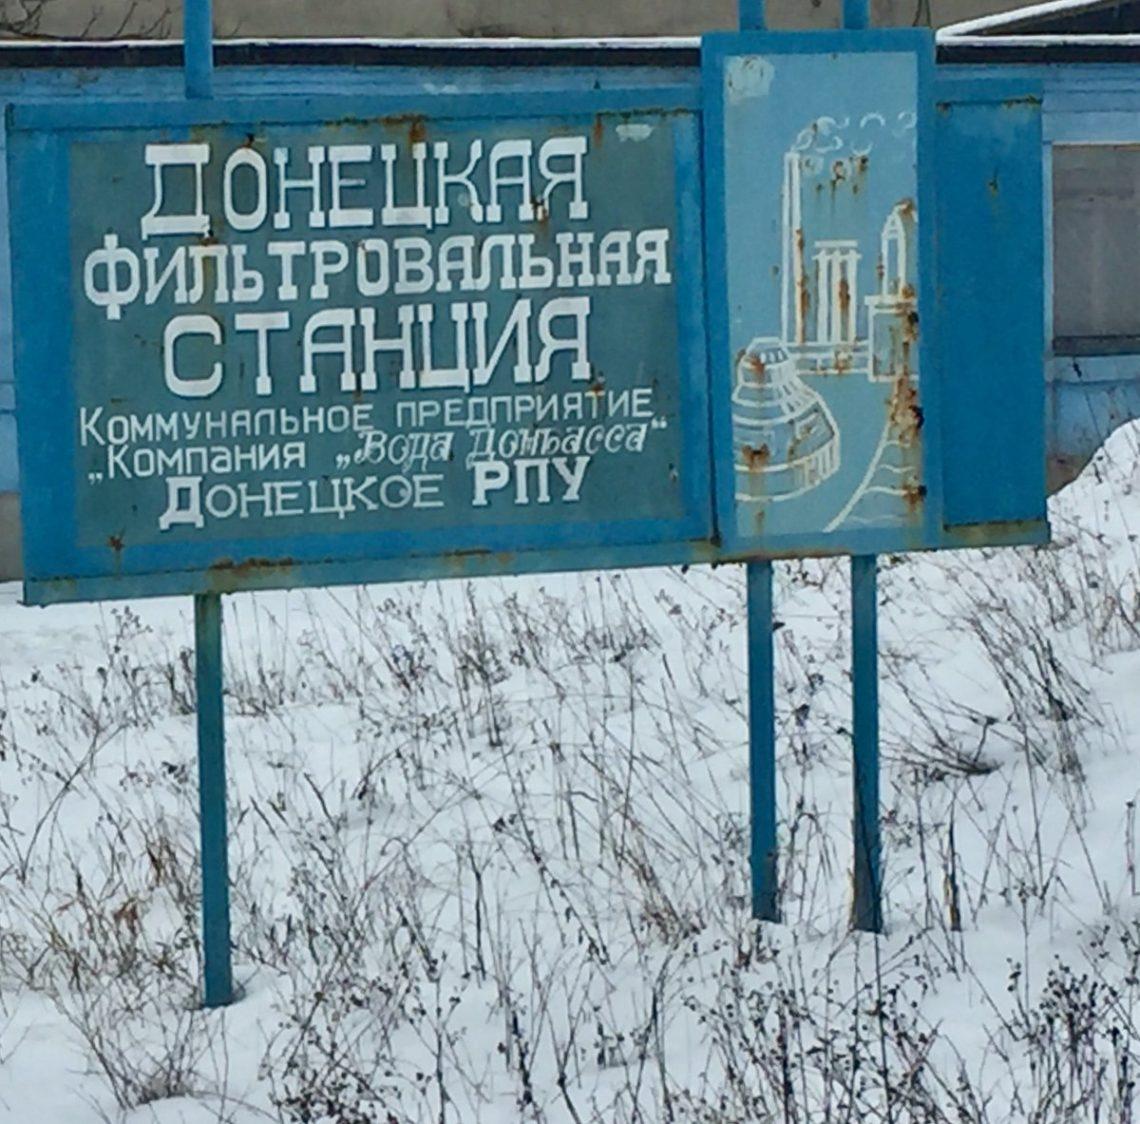 Донецкая фильтровальная станция остановлена из-за военных действий